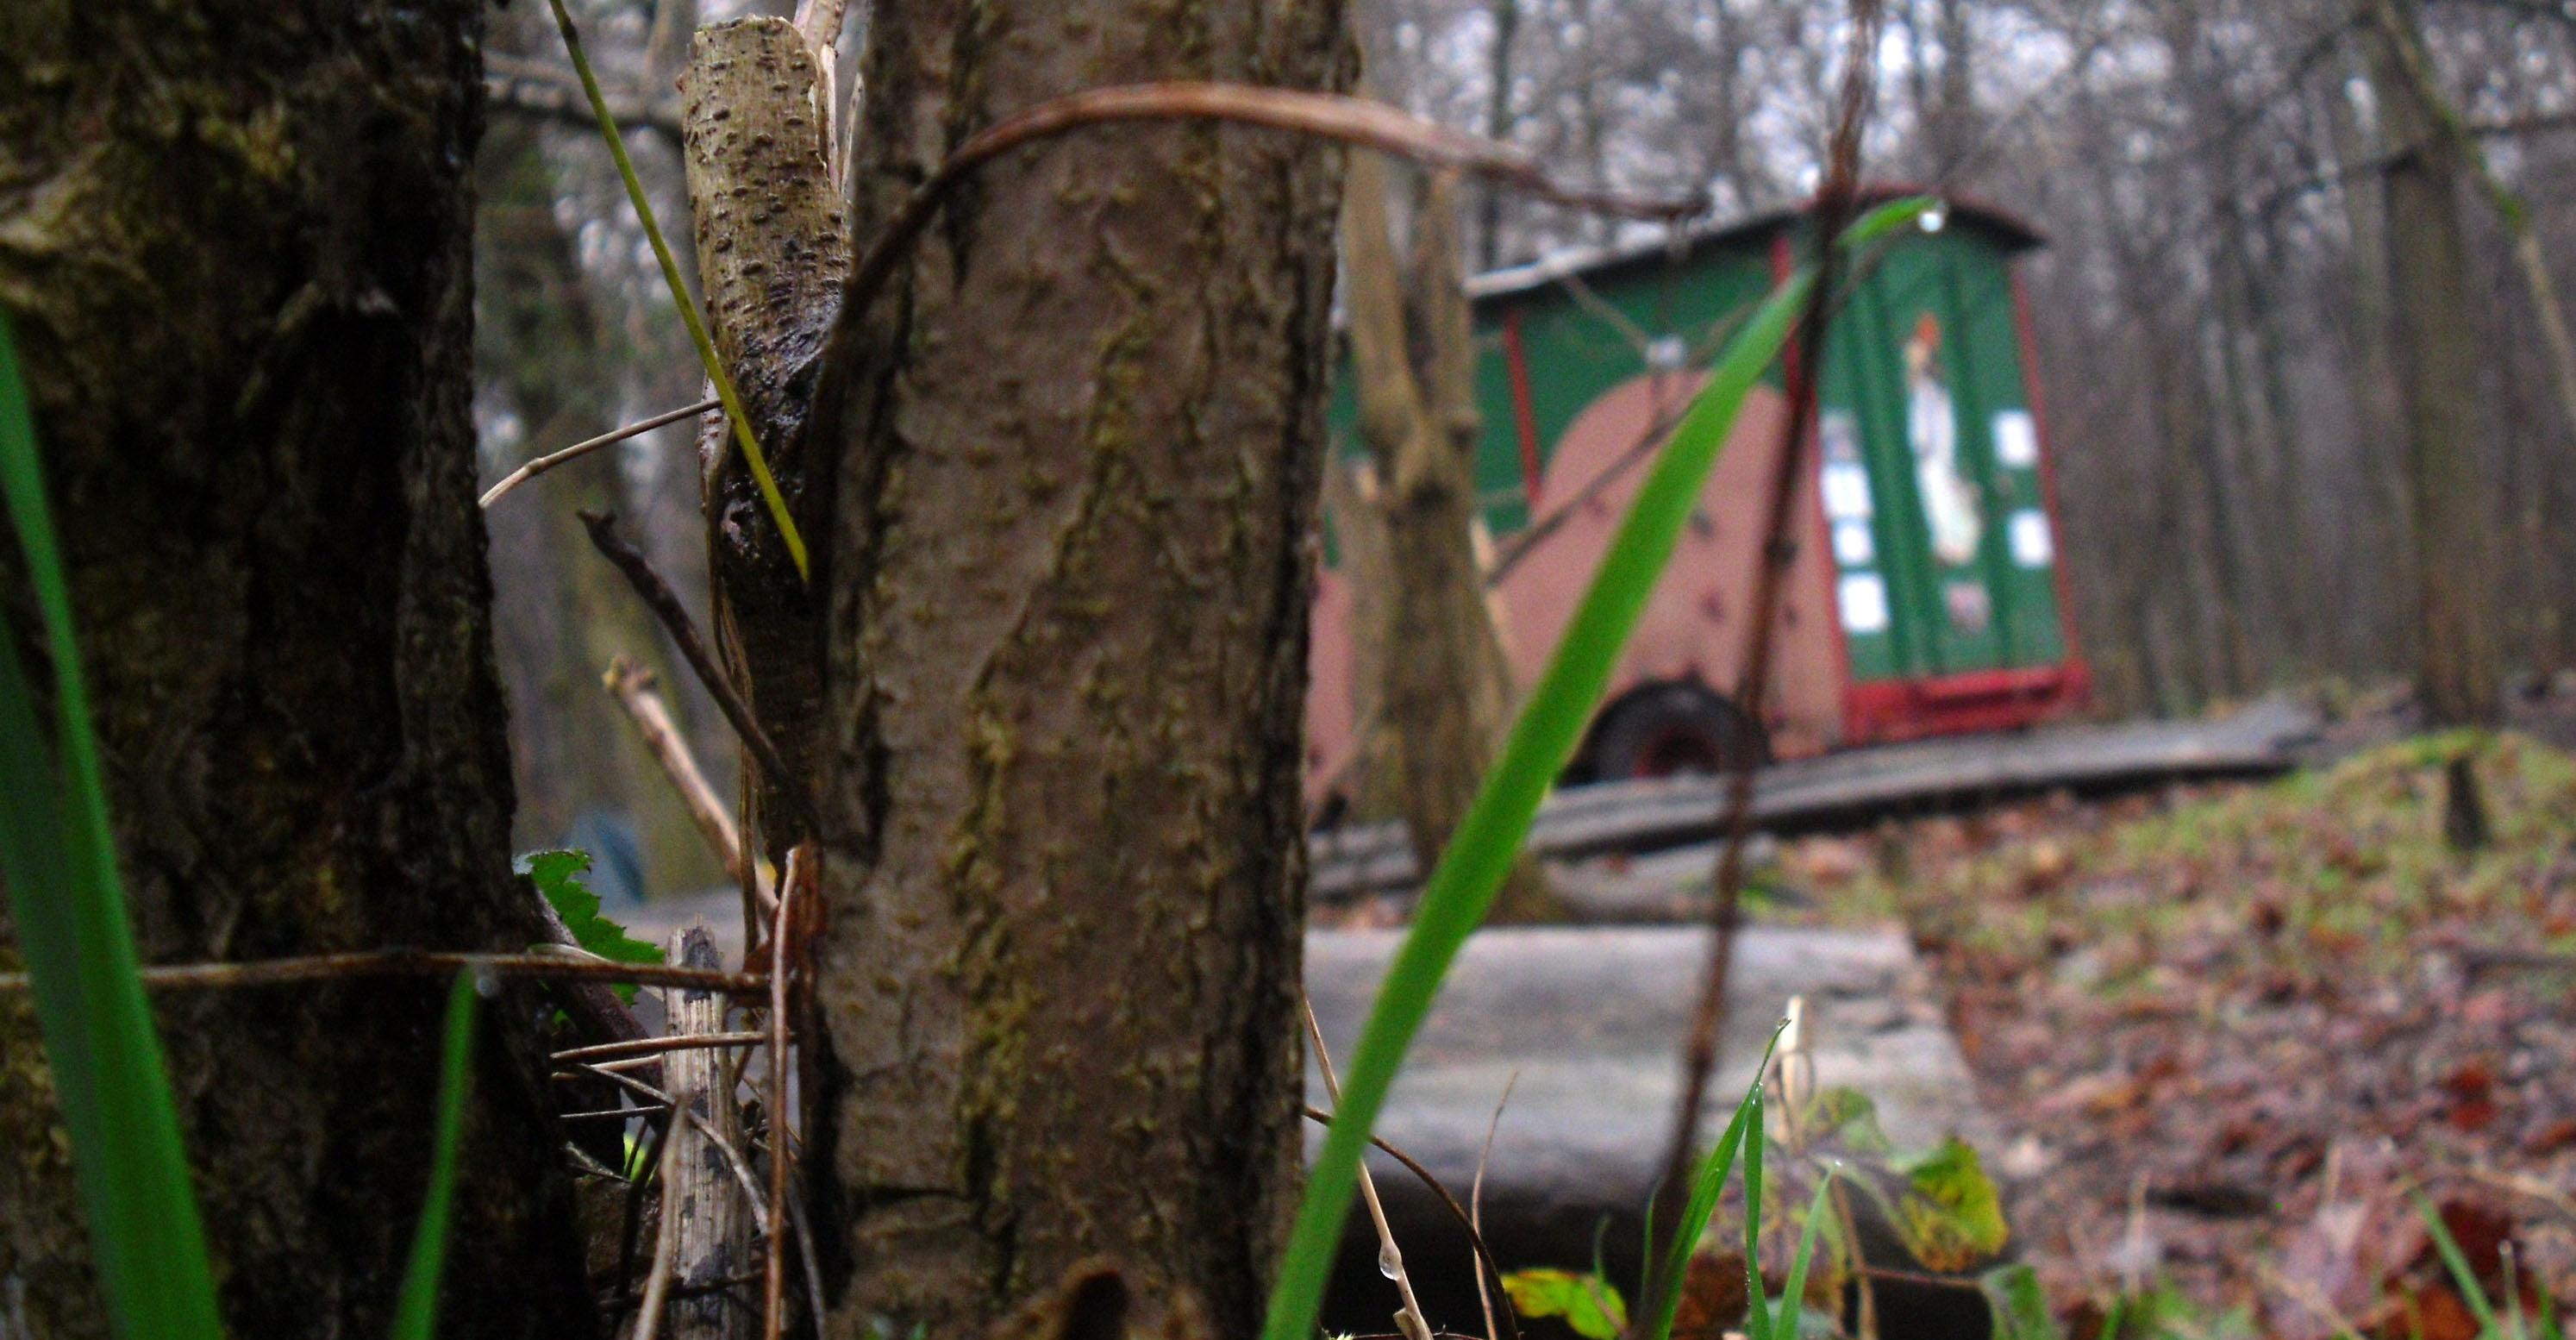 Bauwagen eines Kindergartens im Wald